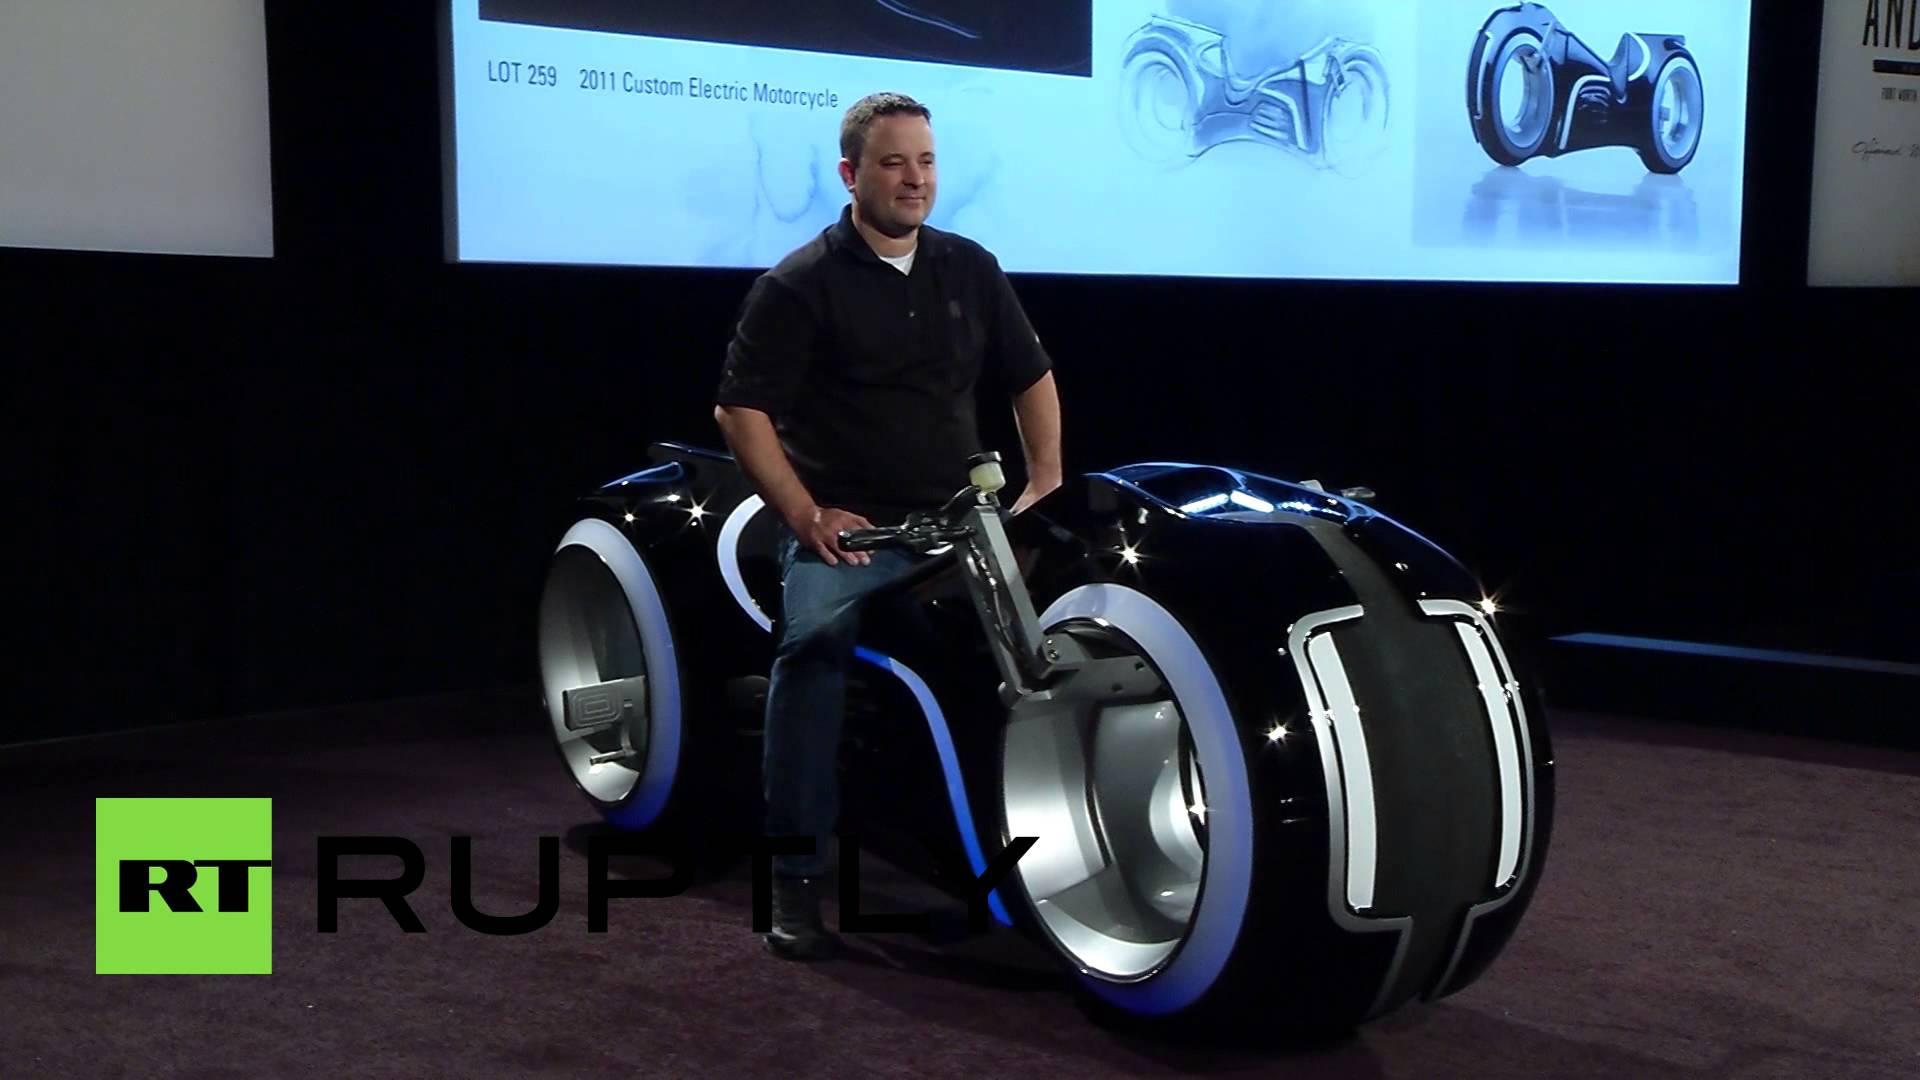 دراجة نارية قيمتها 77 ألف دولار